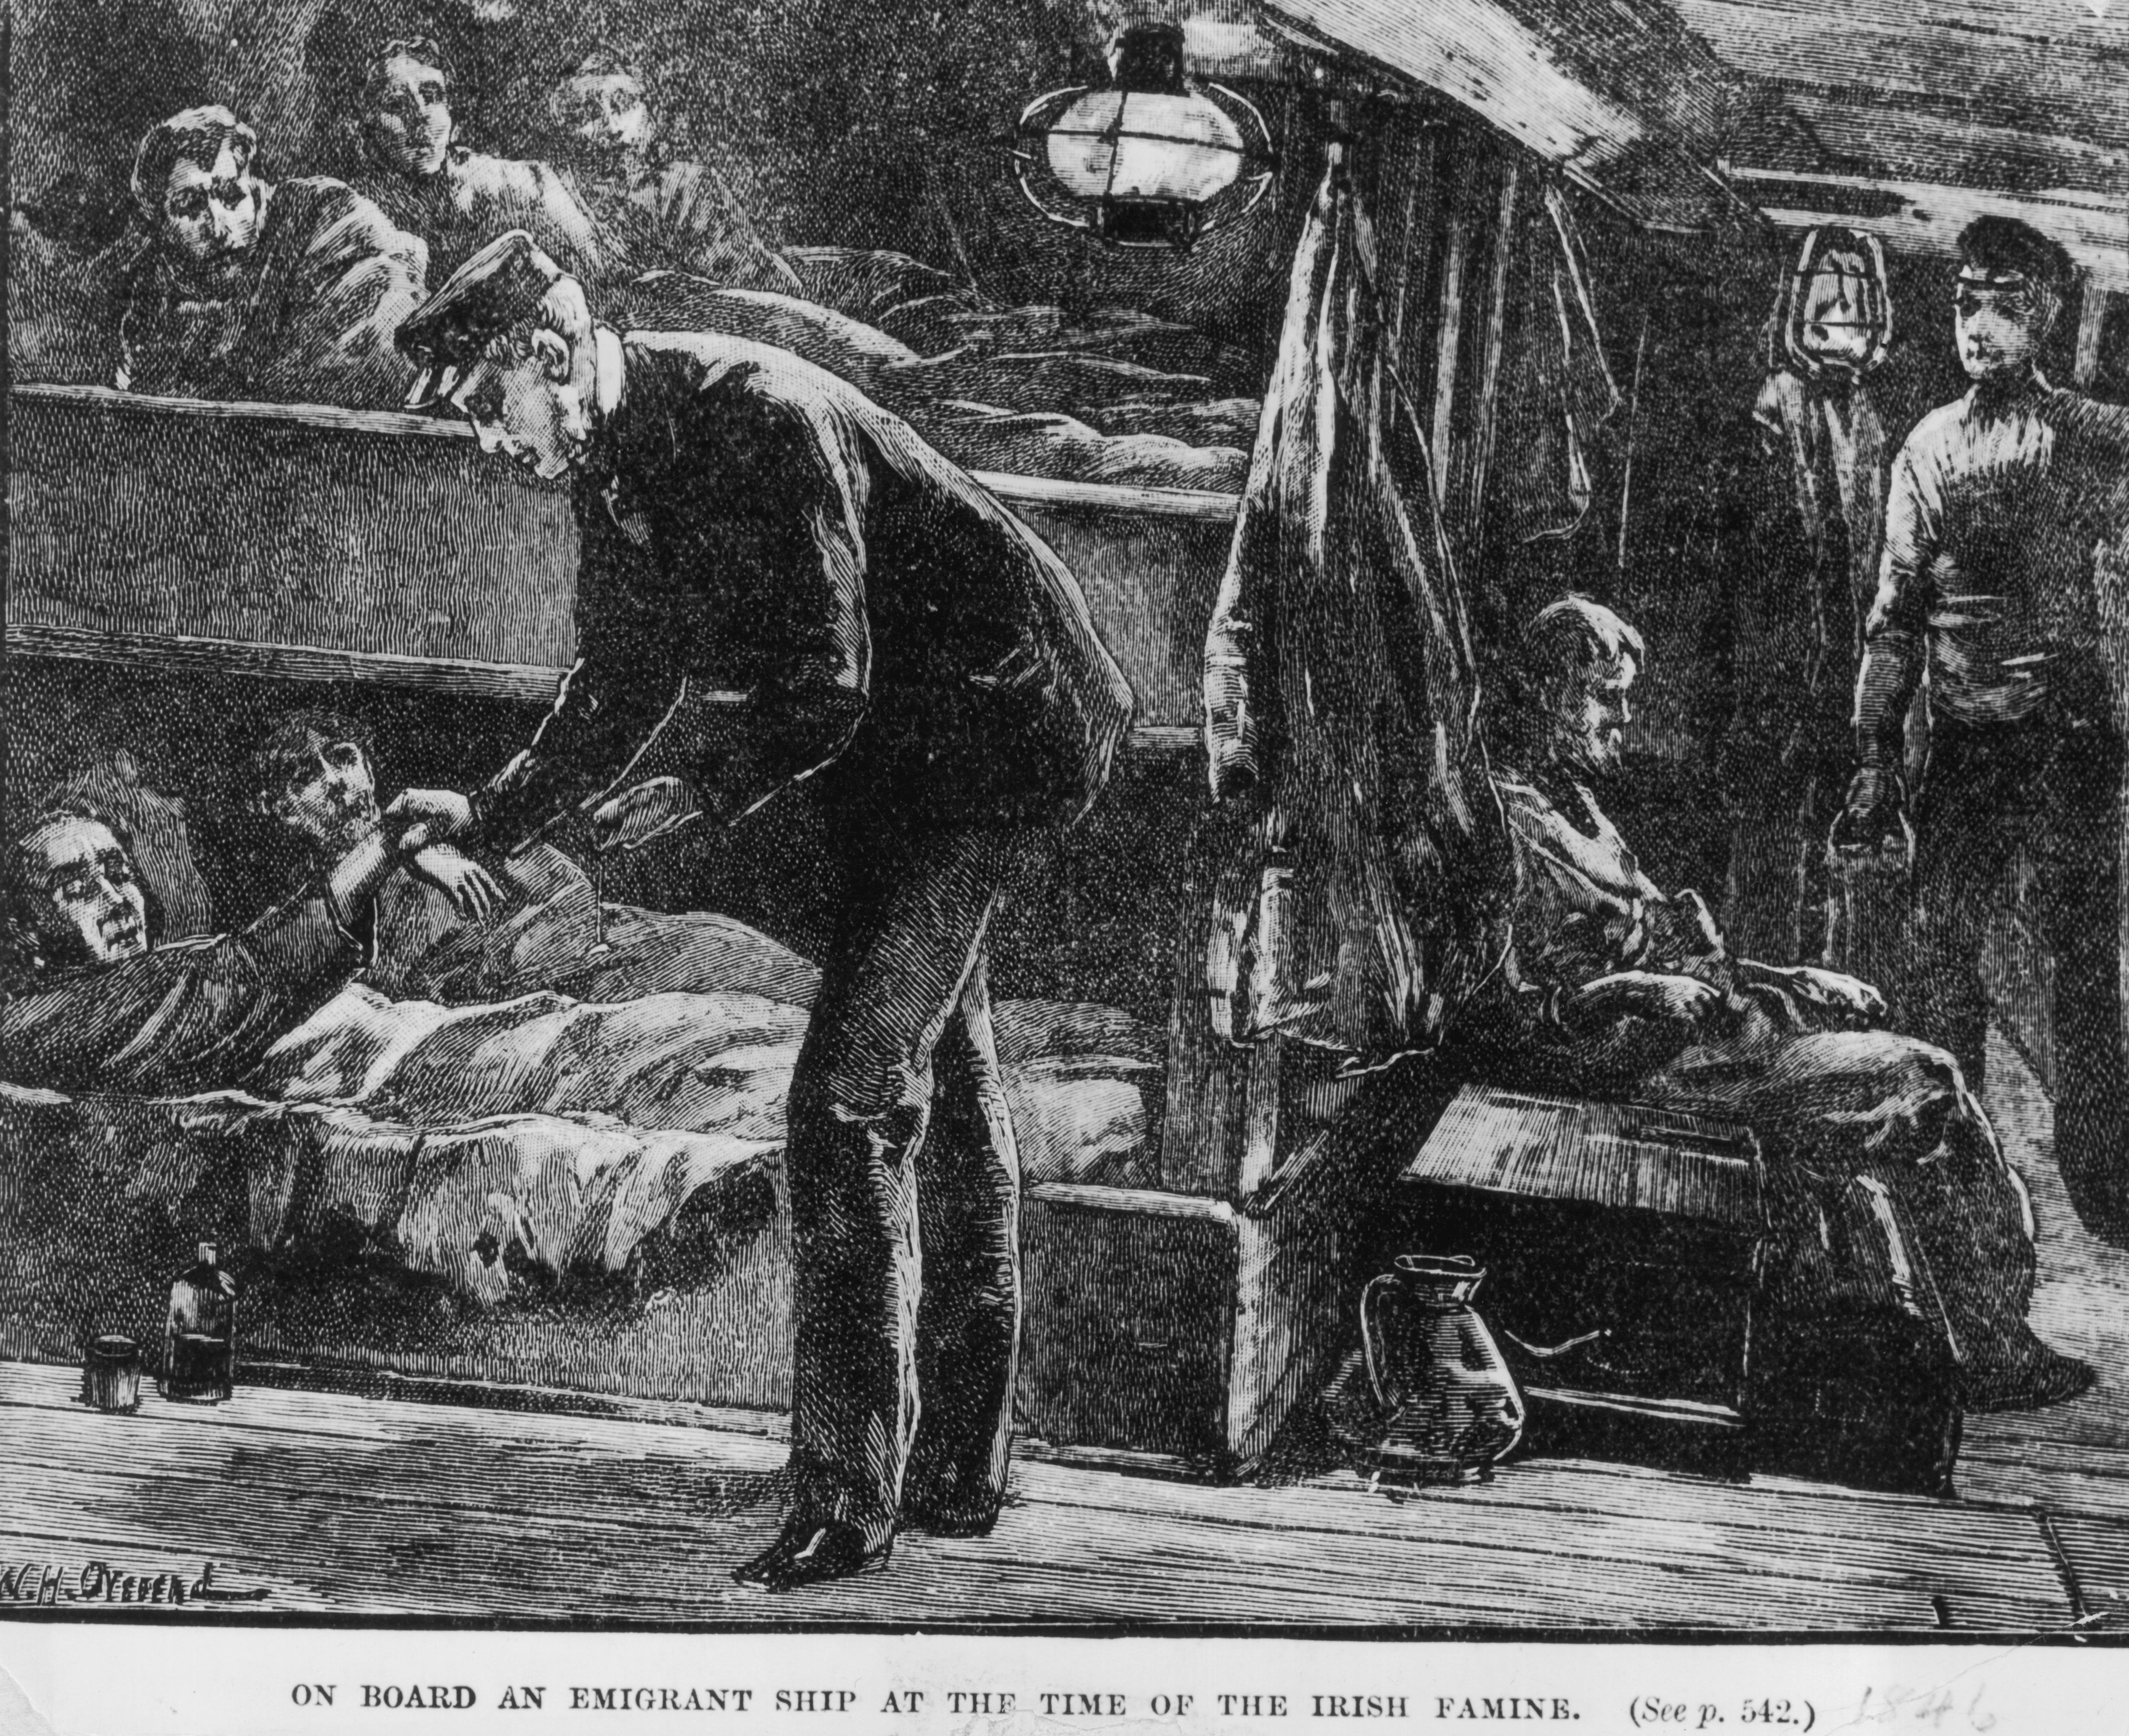 Détail d'une illustration du 19e siècle montrant des émigrants irlandais qui se dirigent vers les États-Unis.